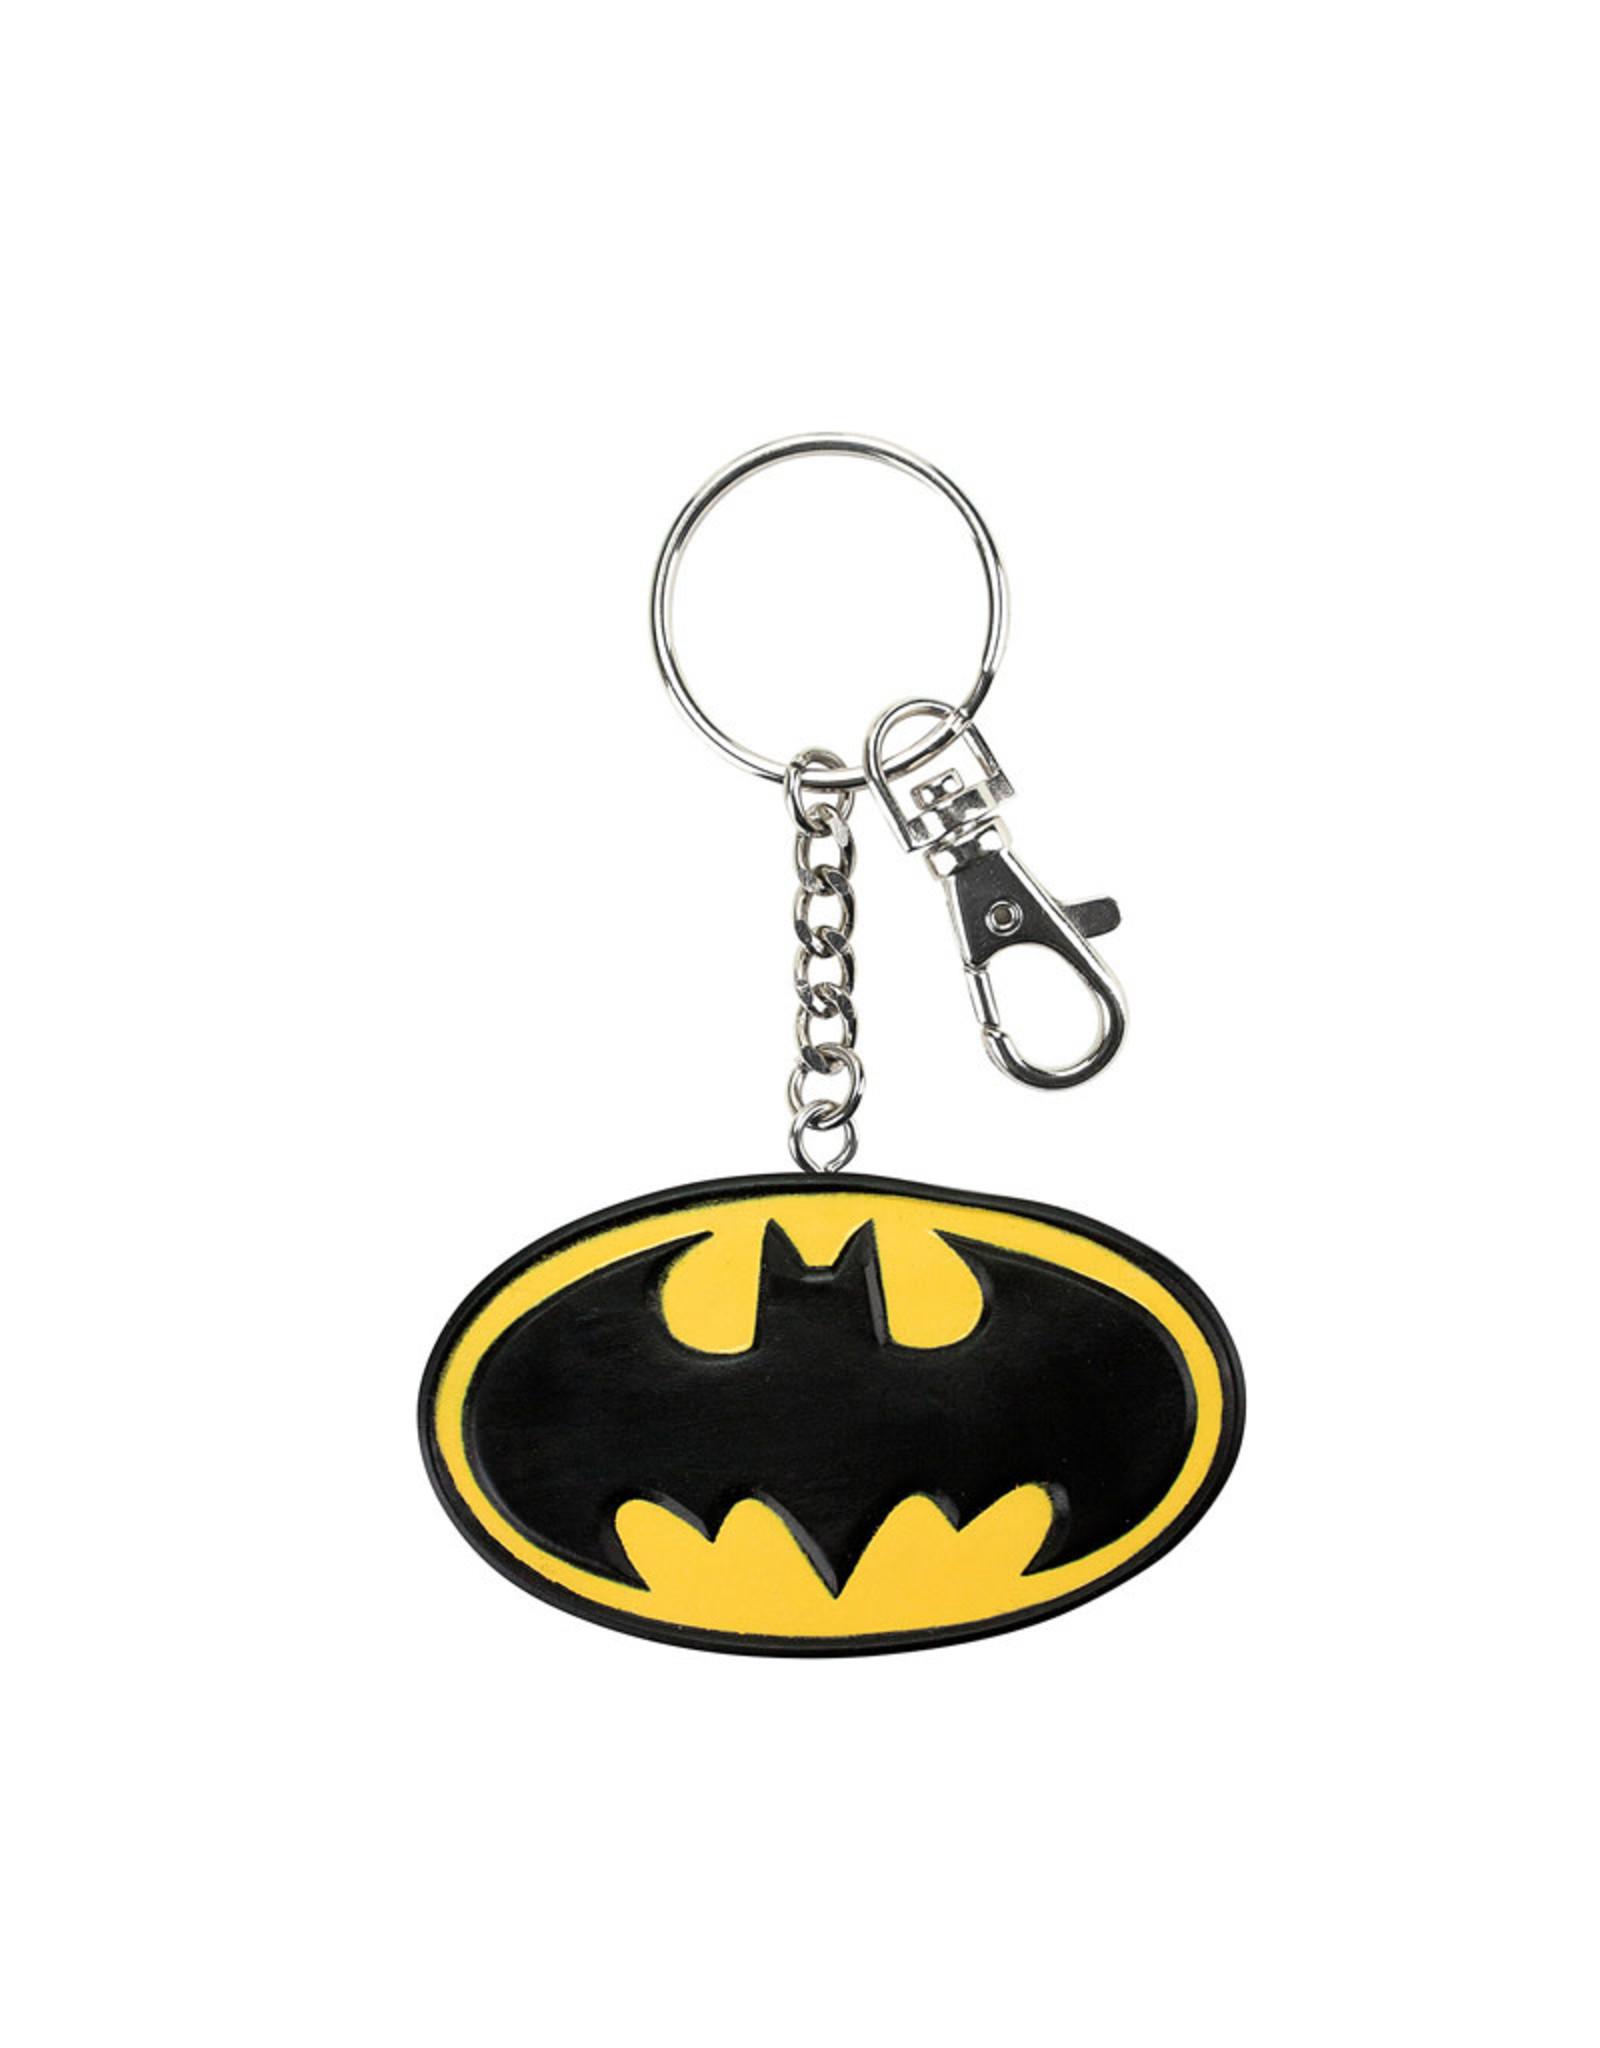 Dc comics Dc Comics ( Keychain ) Batman